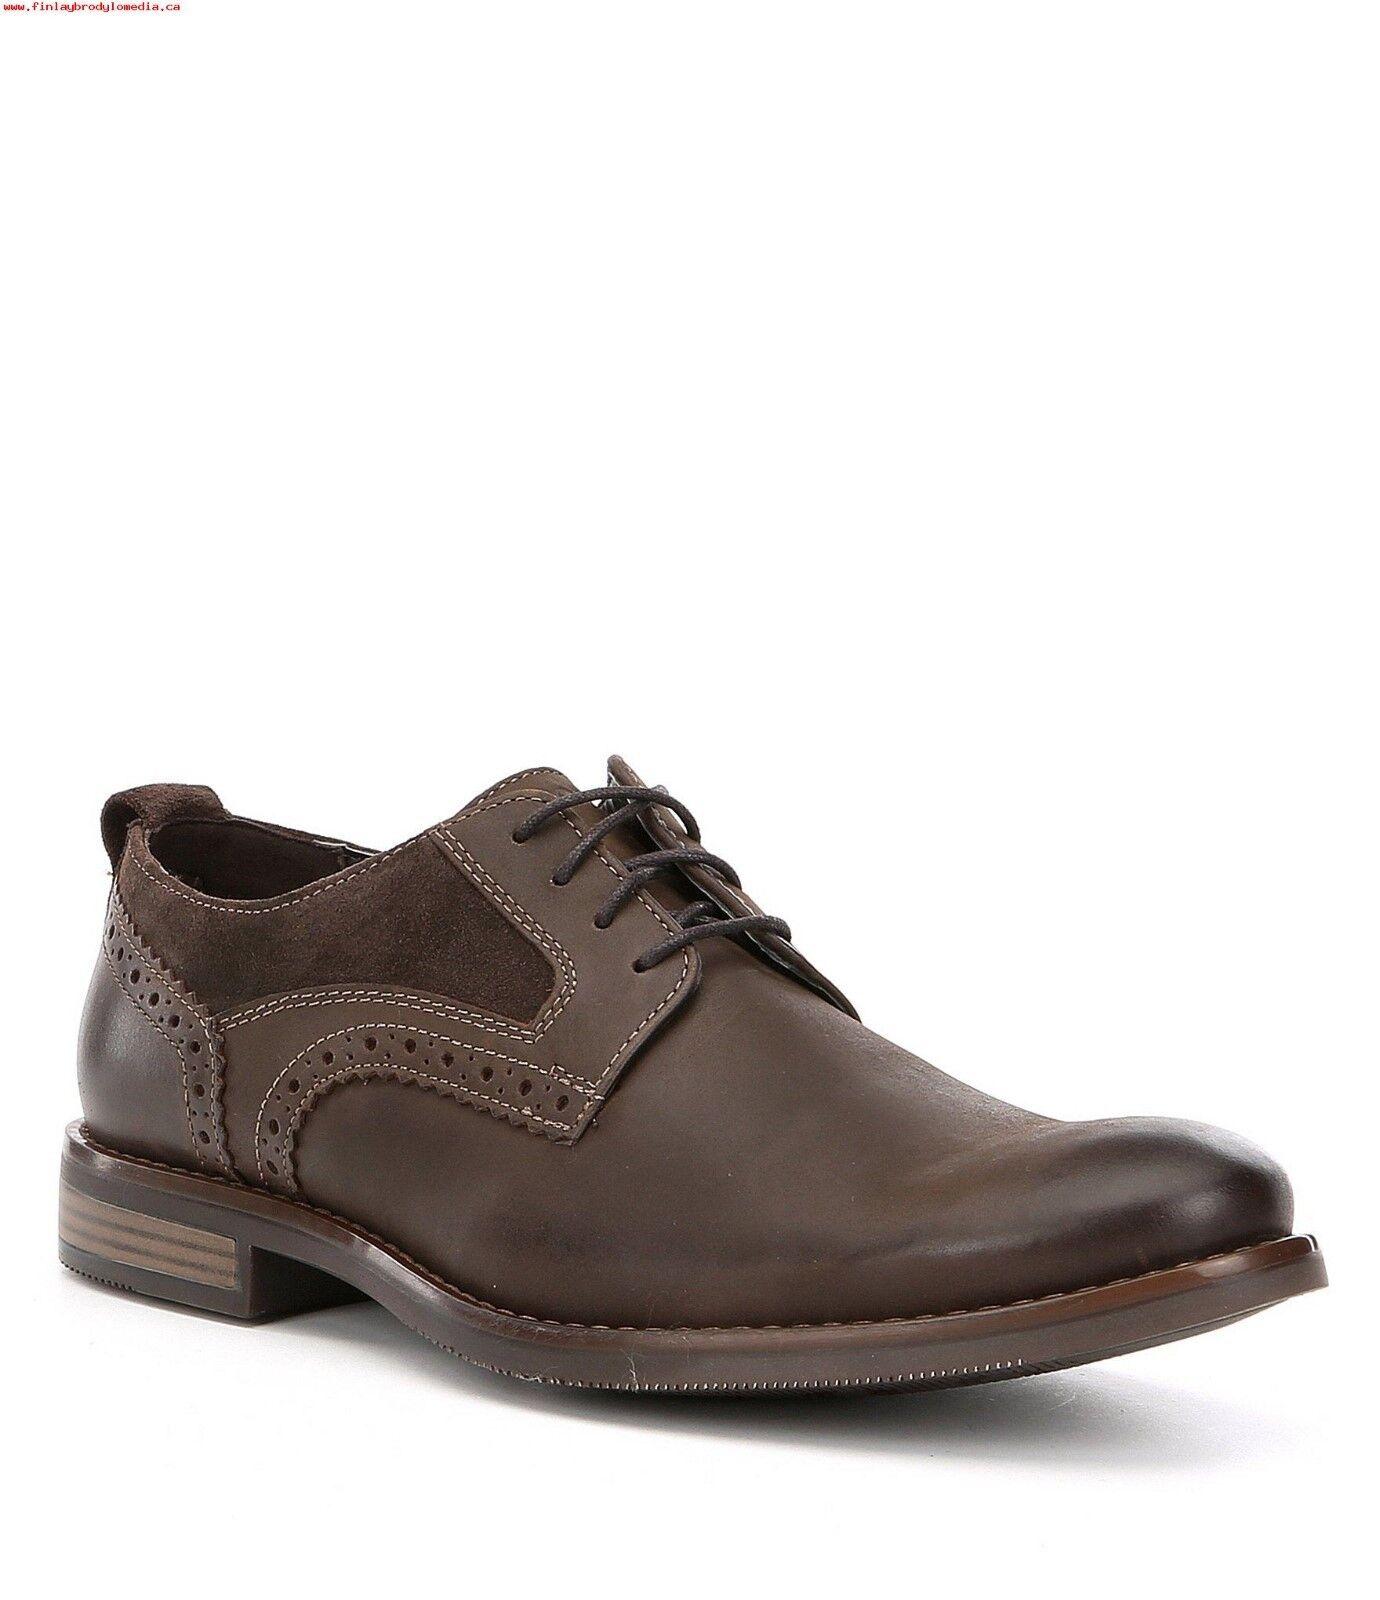 risparmia fino al 70% di sconto Rockport Uomo Uomo Uomo Wynstin Plain Toe Oxfords Dimensione 8 Dark Marrone Leather  outlet